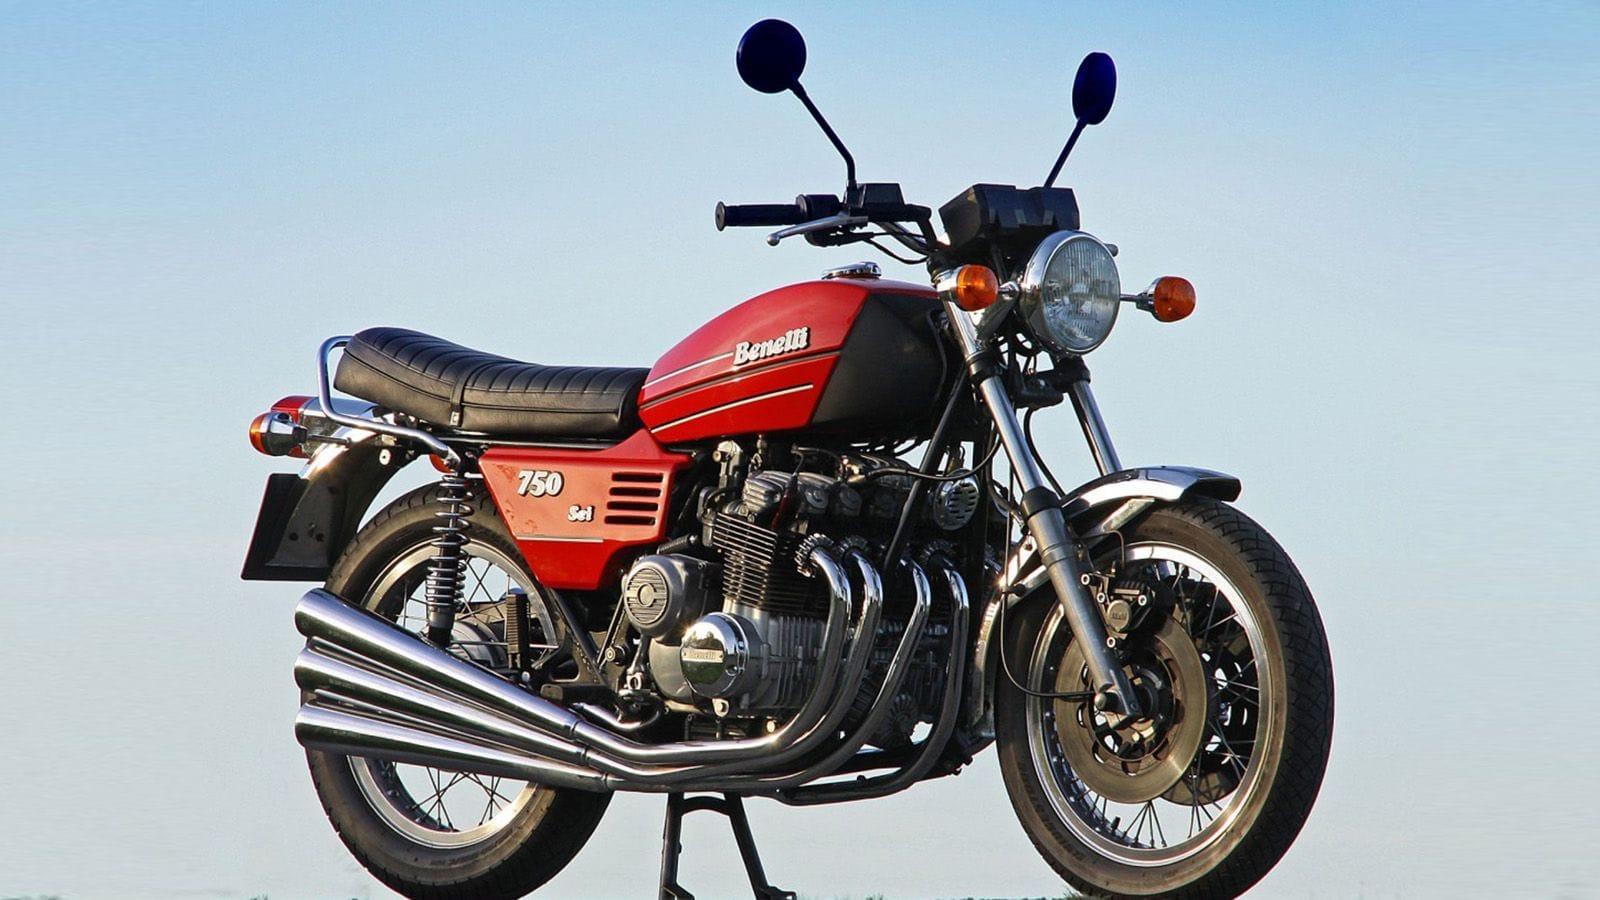 Κόκκινη Benelli 750